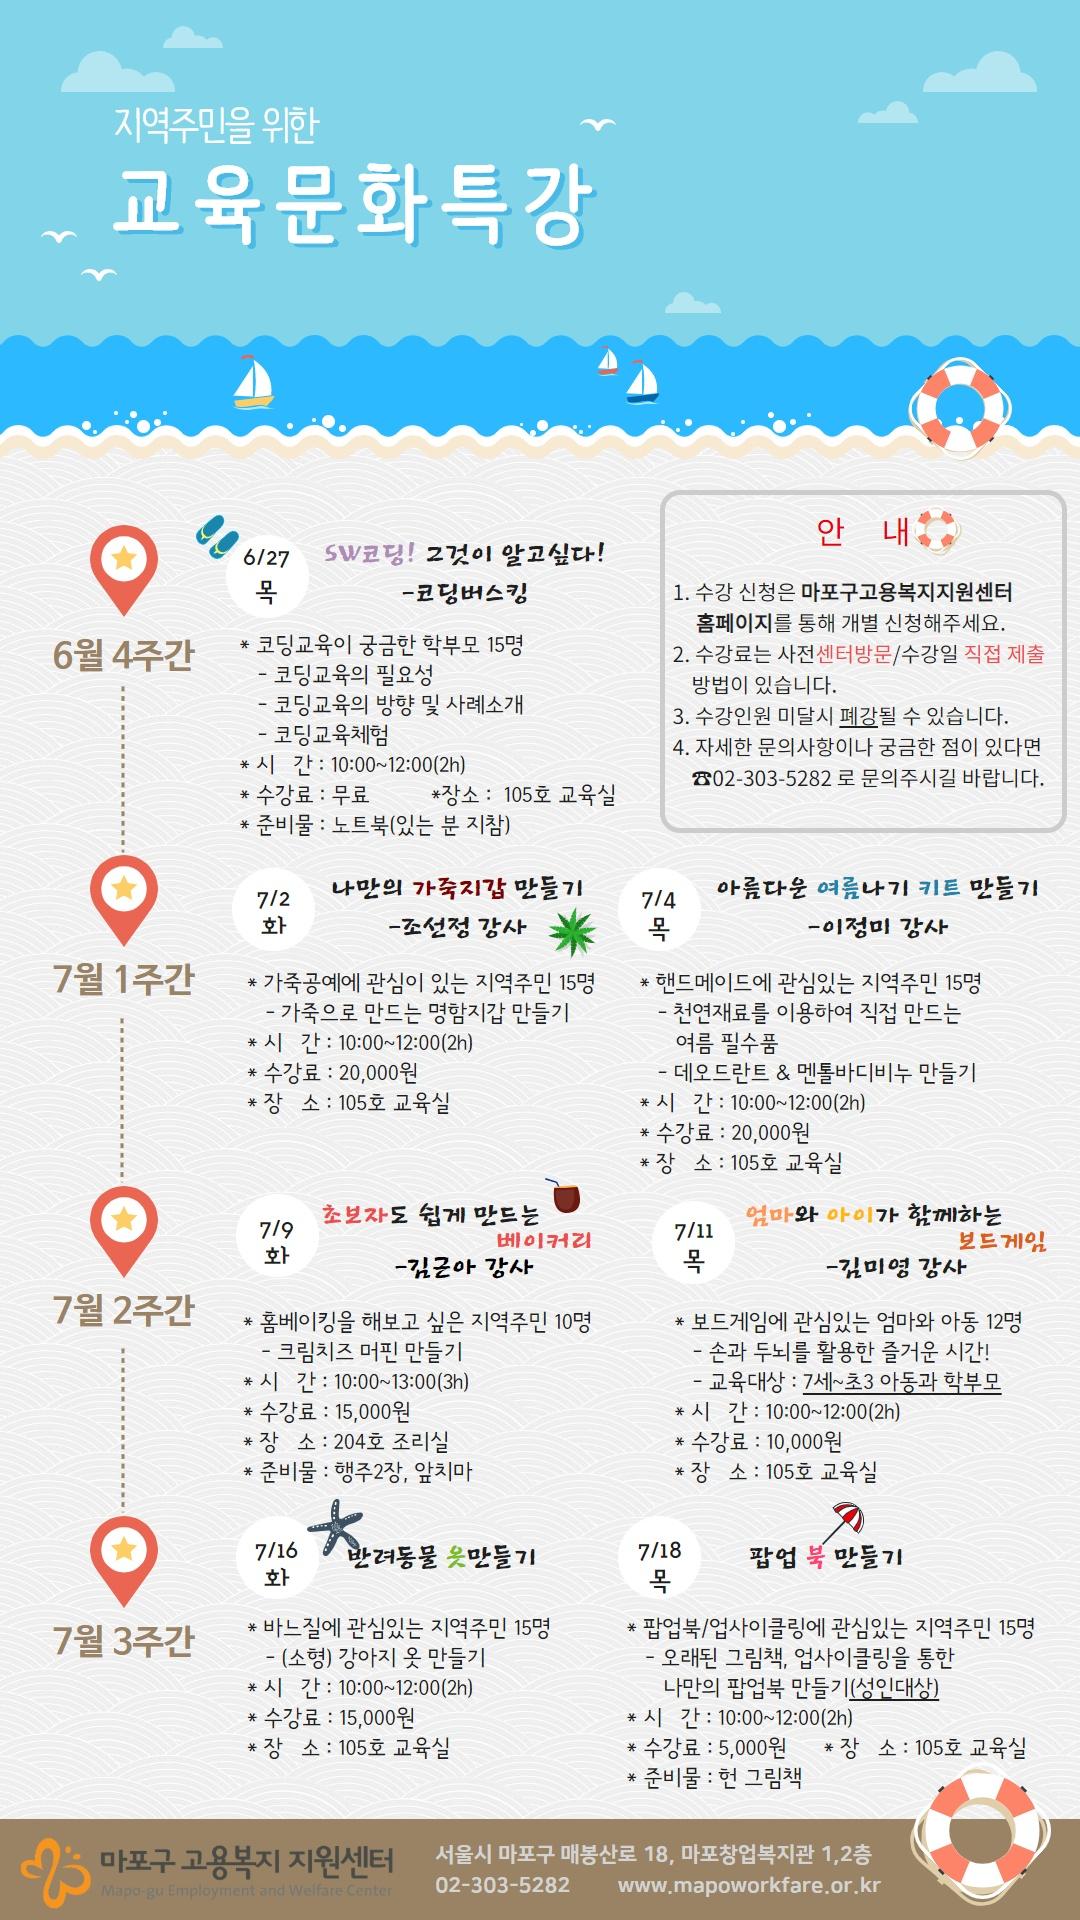 교육문화특강-마포구고용복지지원센터(최종).jpg